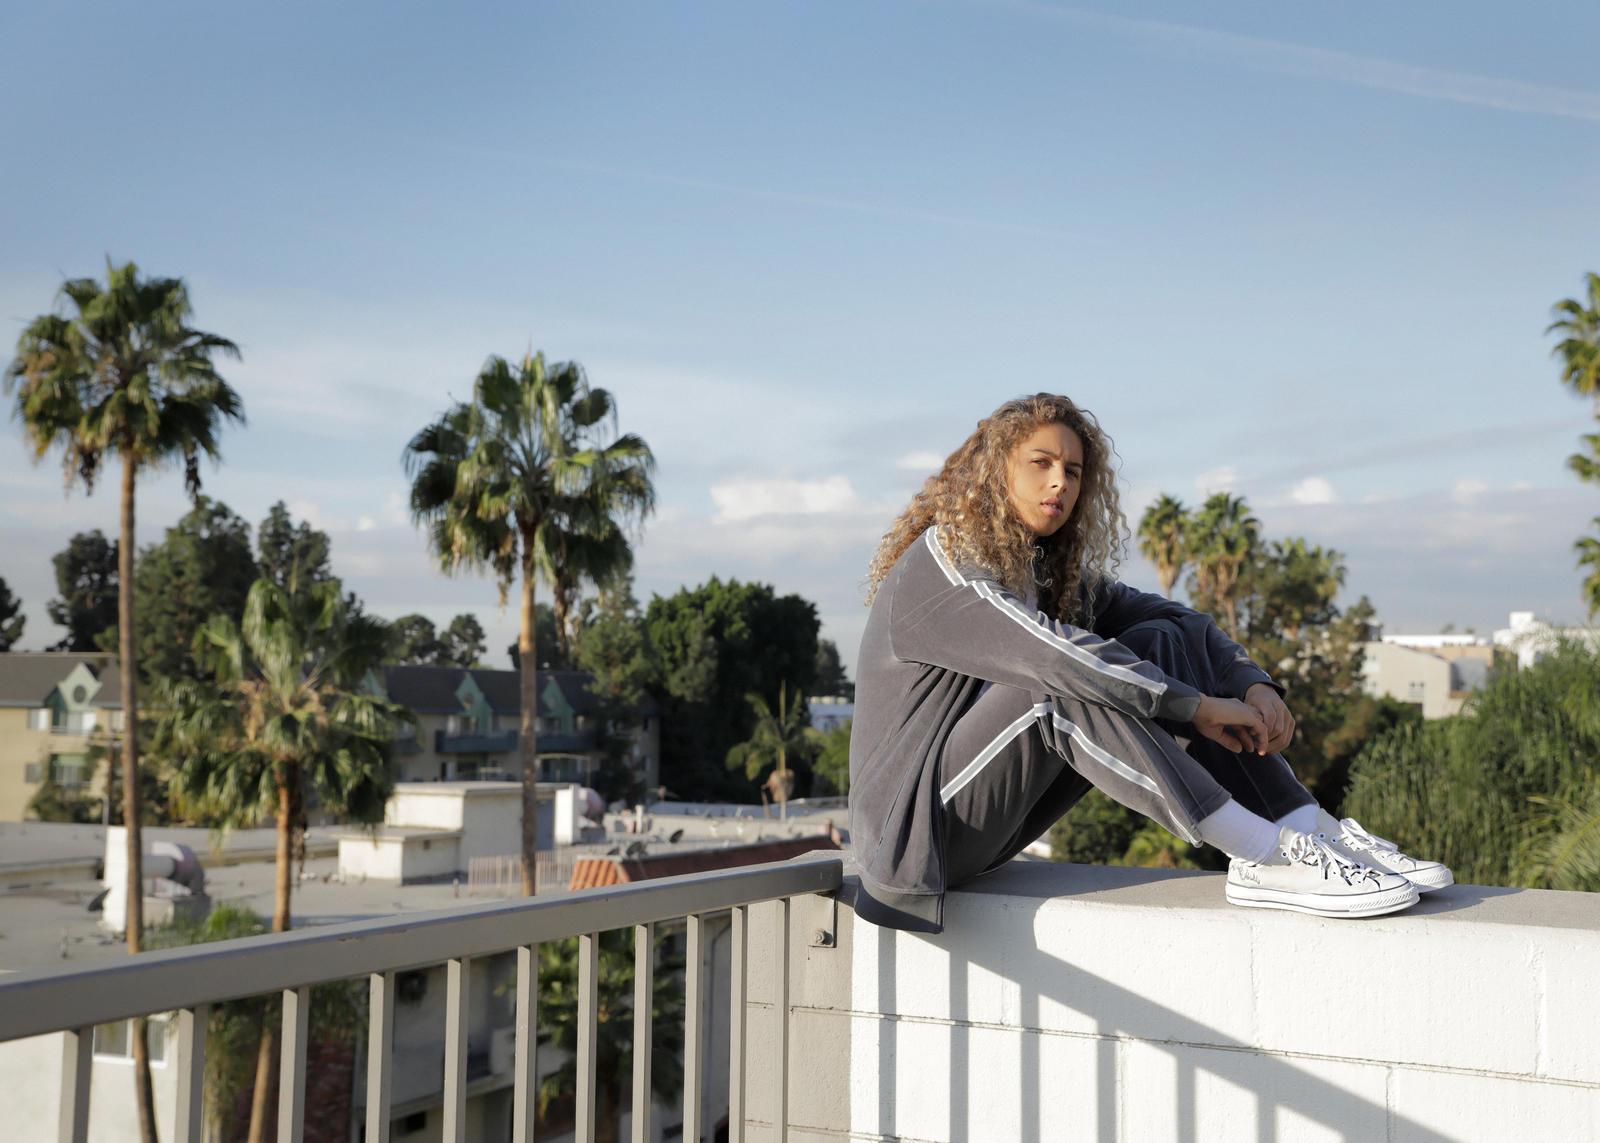 LA Street Culture Shines In The Latest Converse